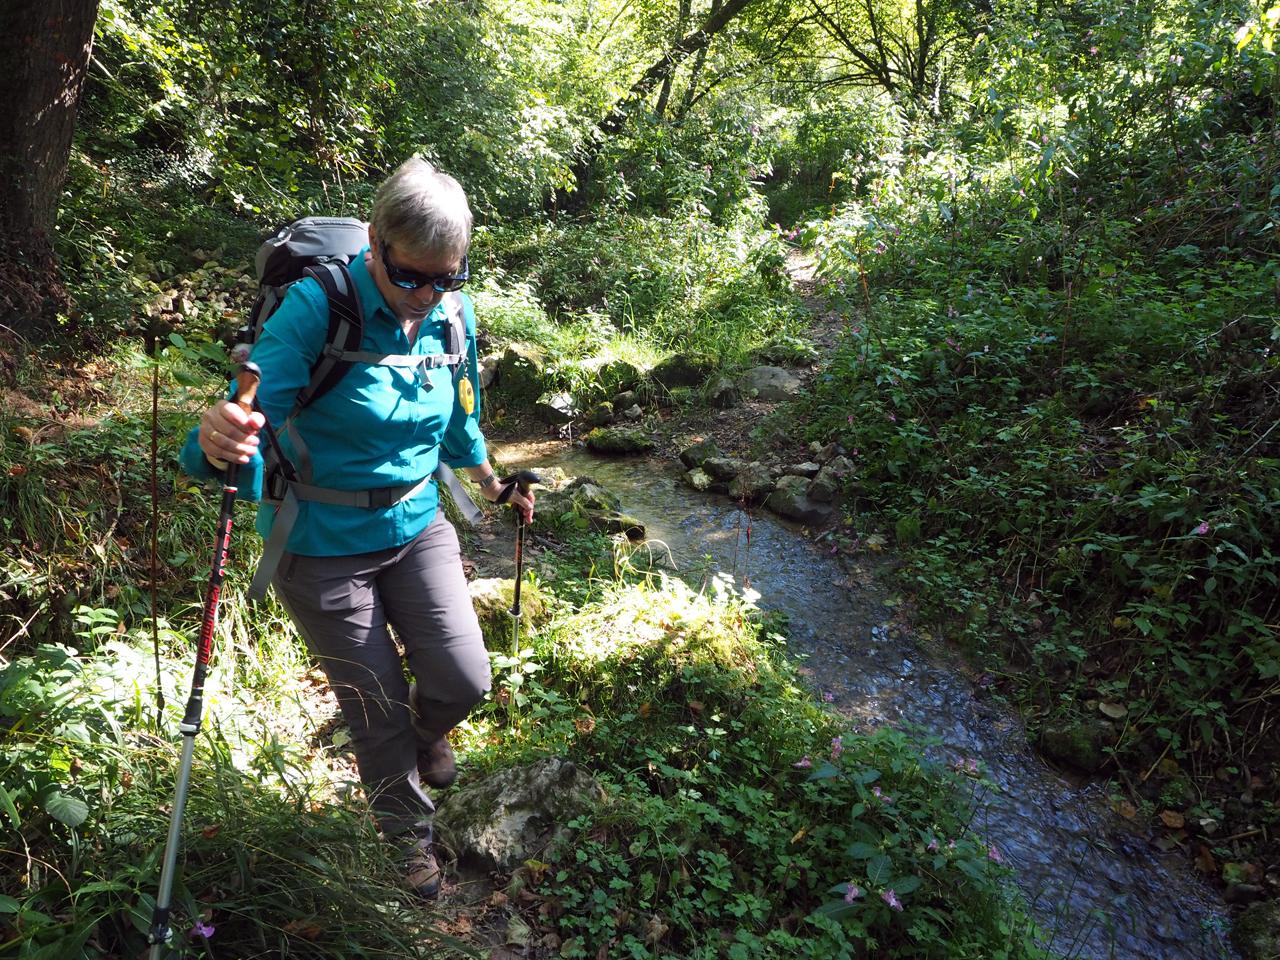 via de avontuurlijke route langs de Ourthe